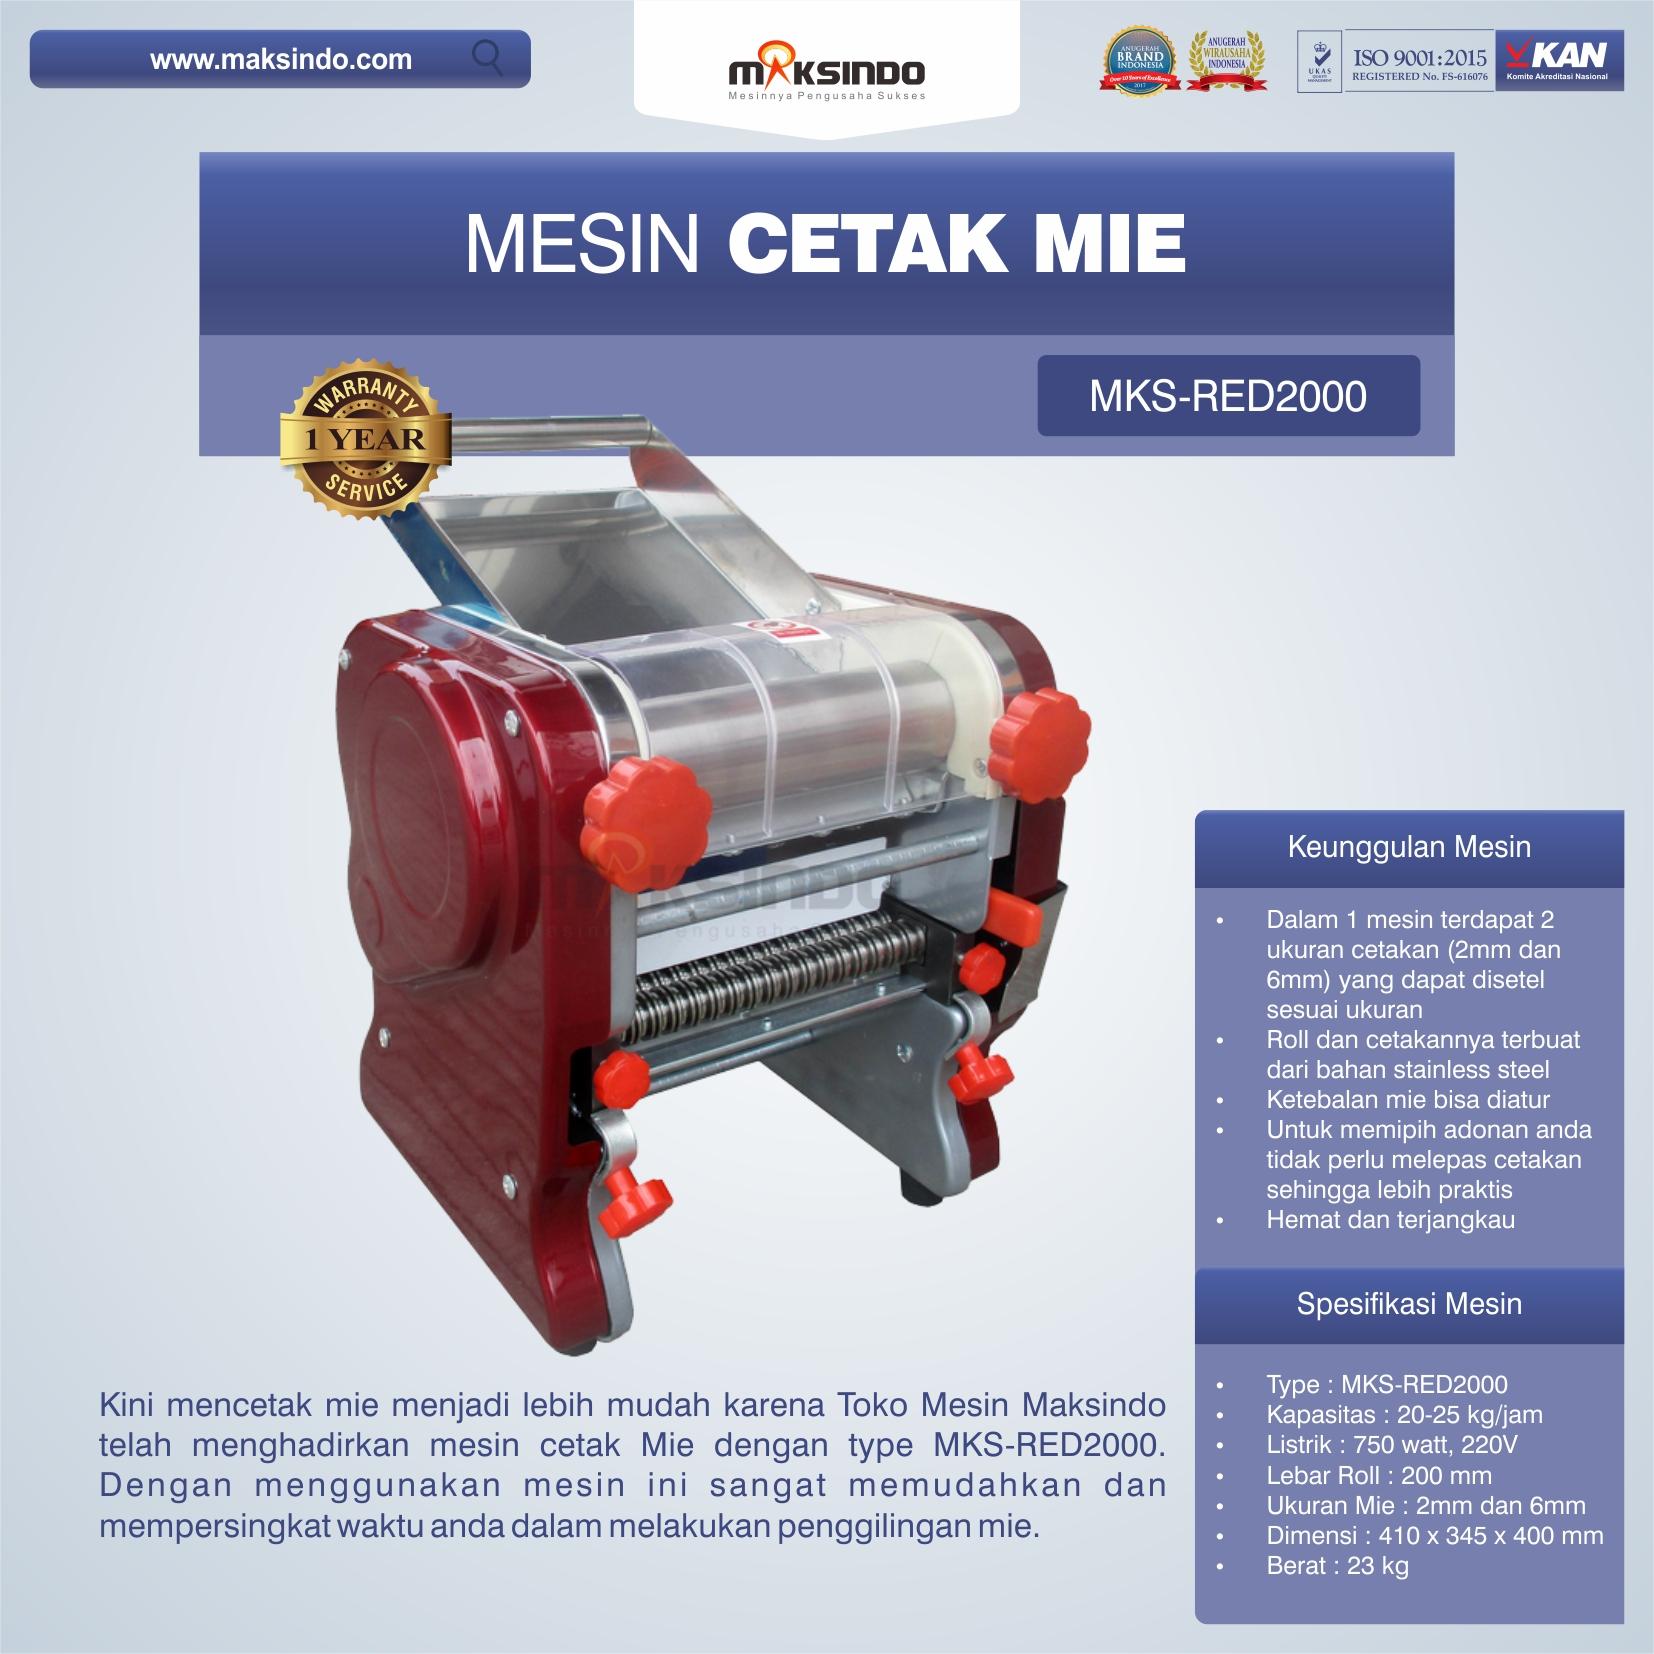 Jual Mesin Cetak Mie MKS-RED2000 di Mataram